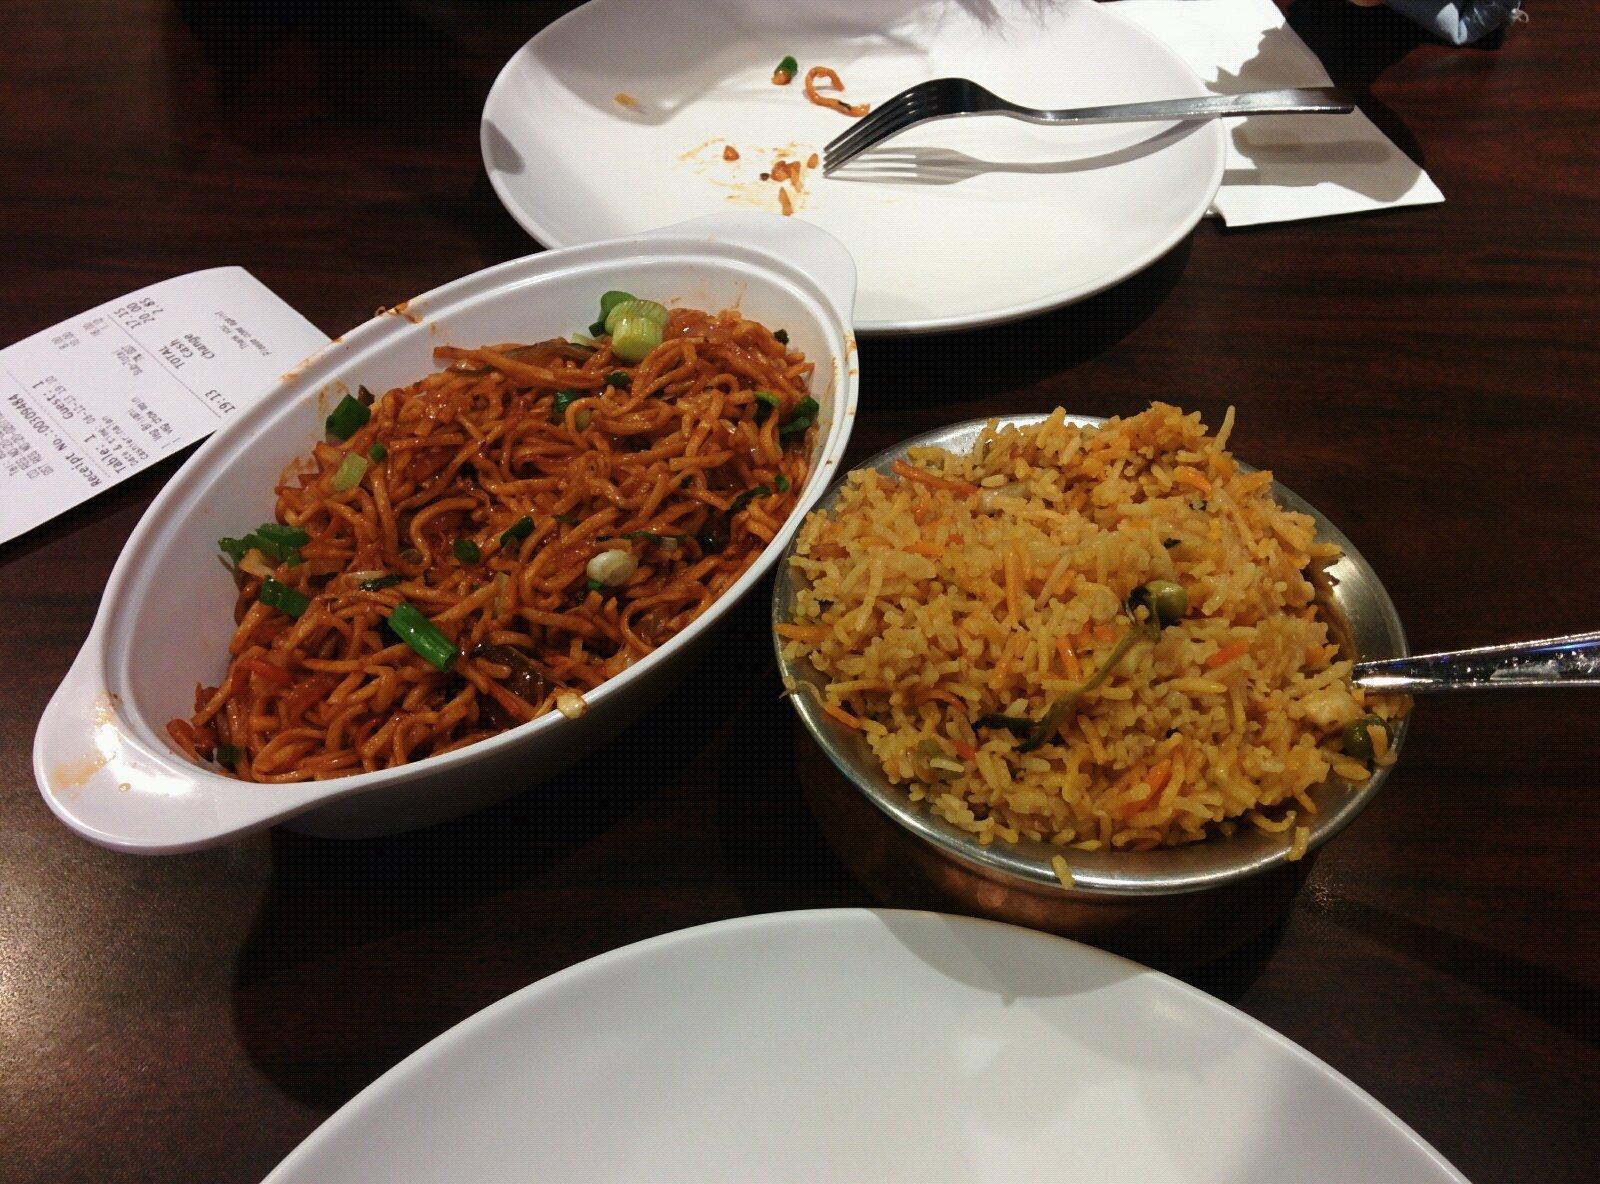 酒店附近的印度餐厅随便吃点快餐